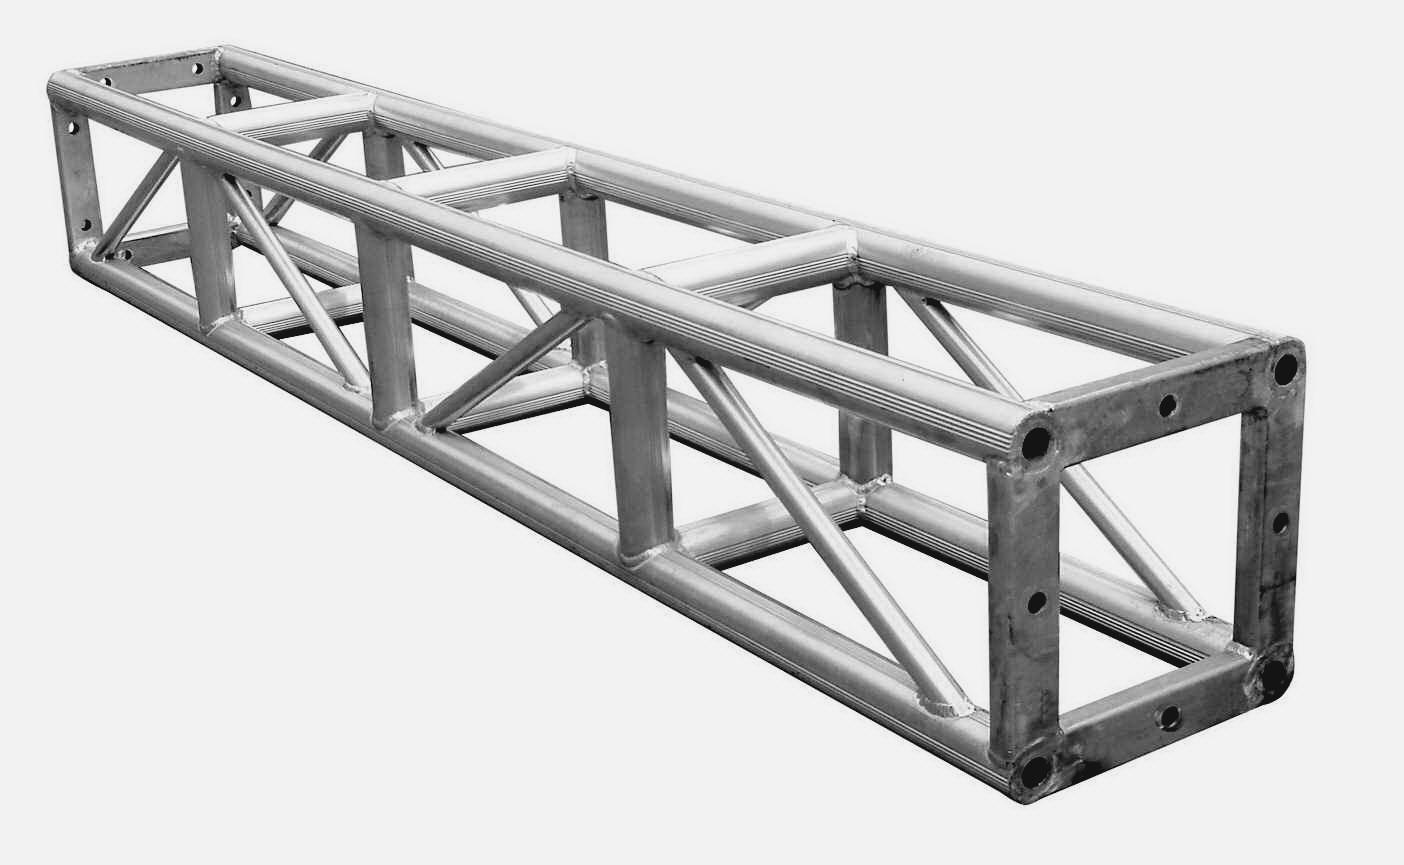 铝合金桁架 铝合金桁架供货商 供应铝合金桁架灯光架 铝合金桁架价格 星辉演出器材有限公司